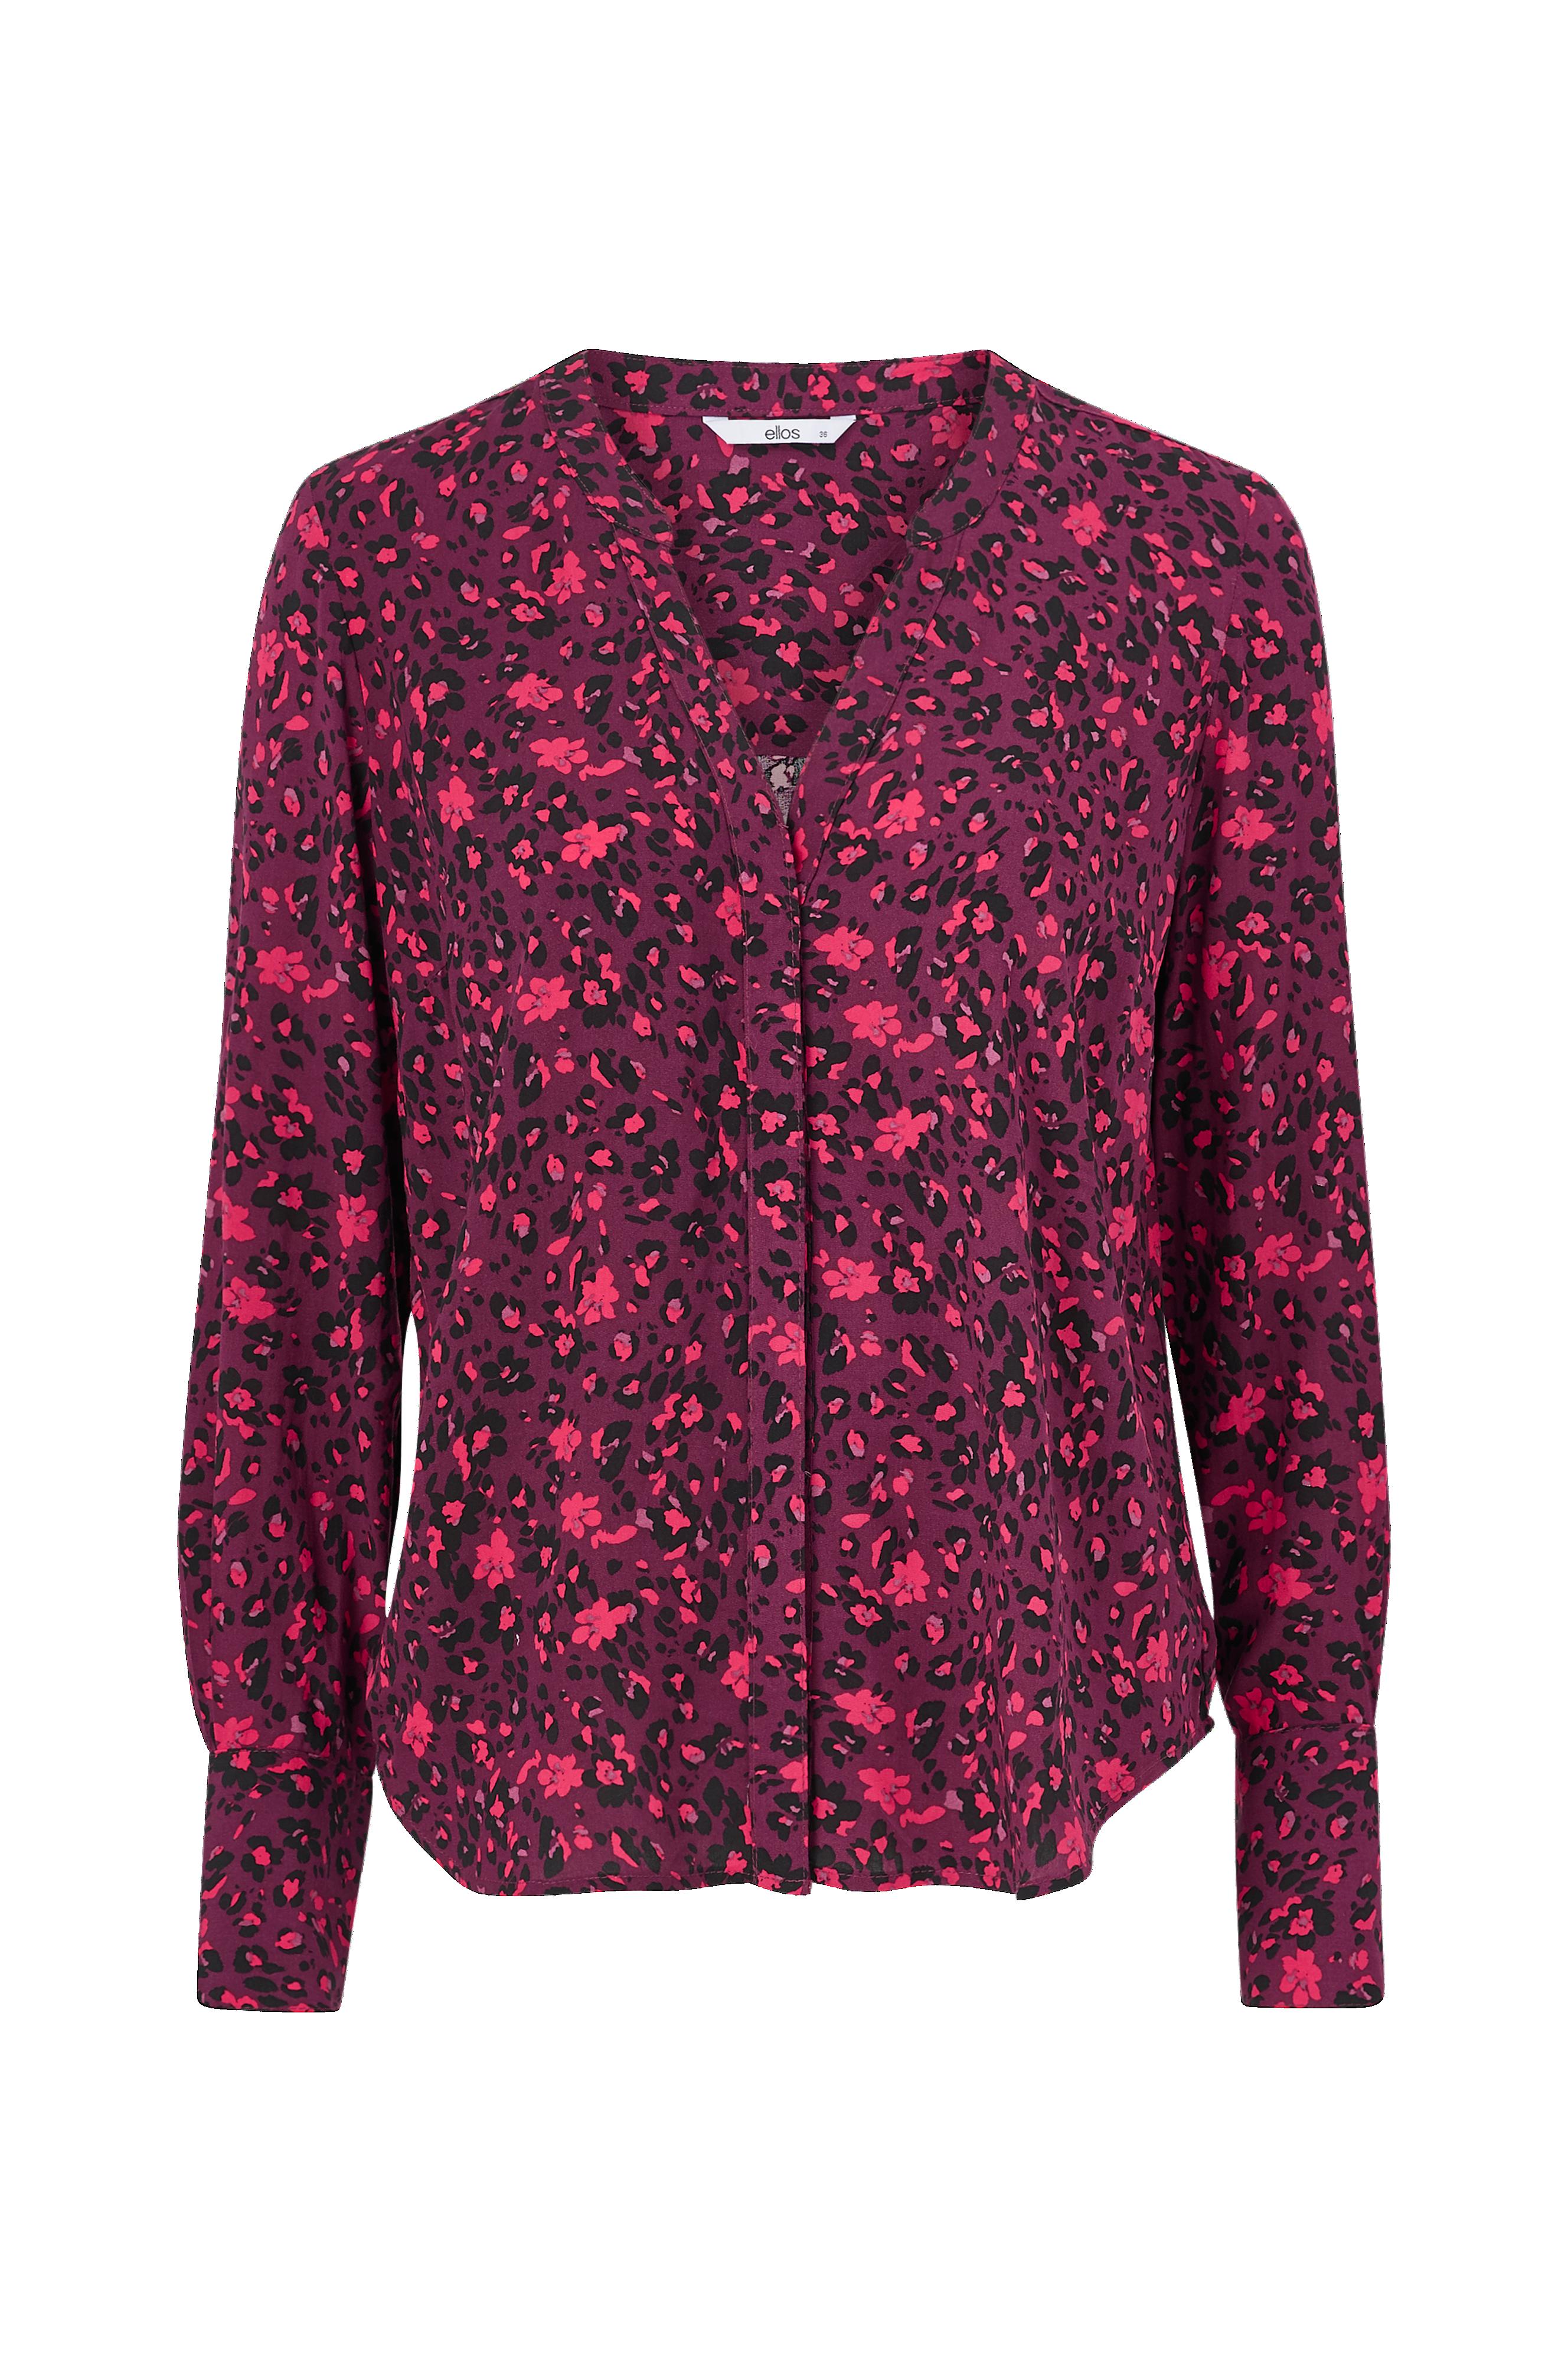 Skjorte i viskose RødBlomstret DAME | H&M NO